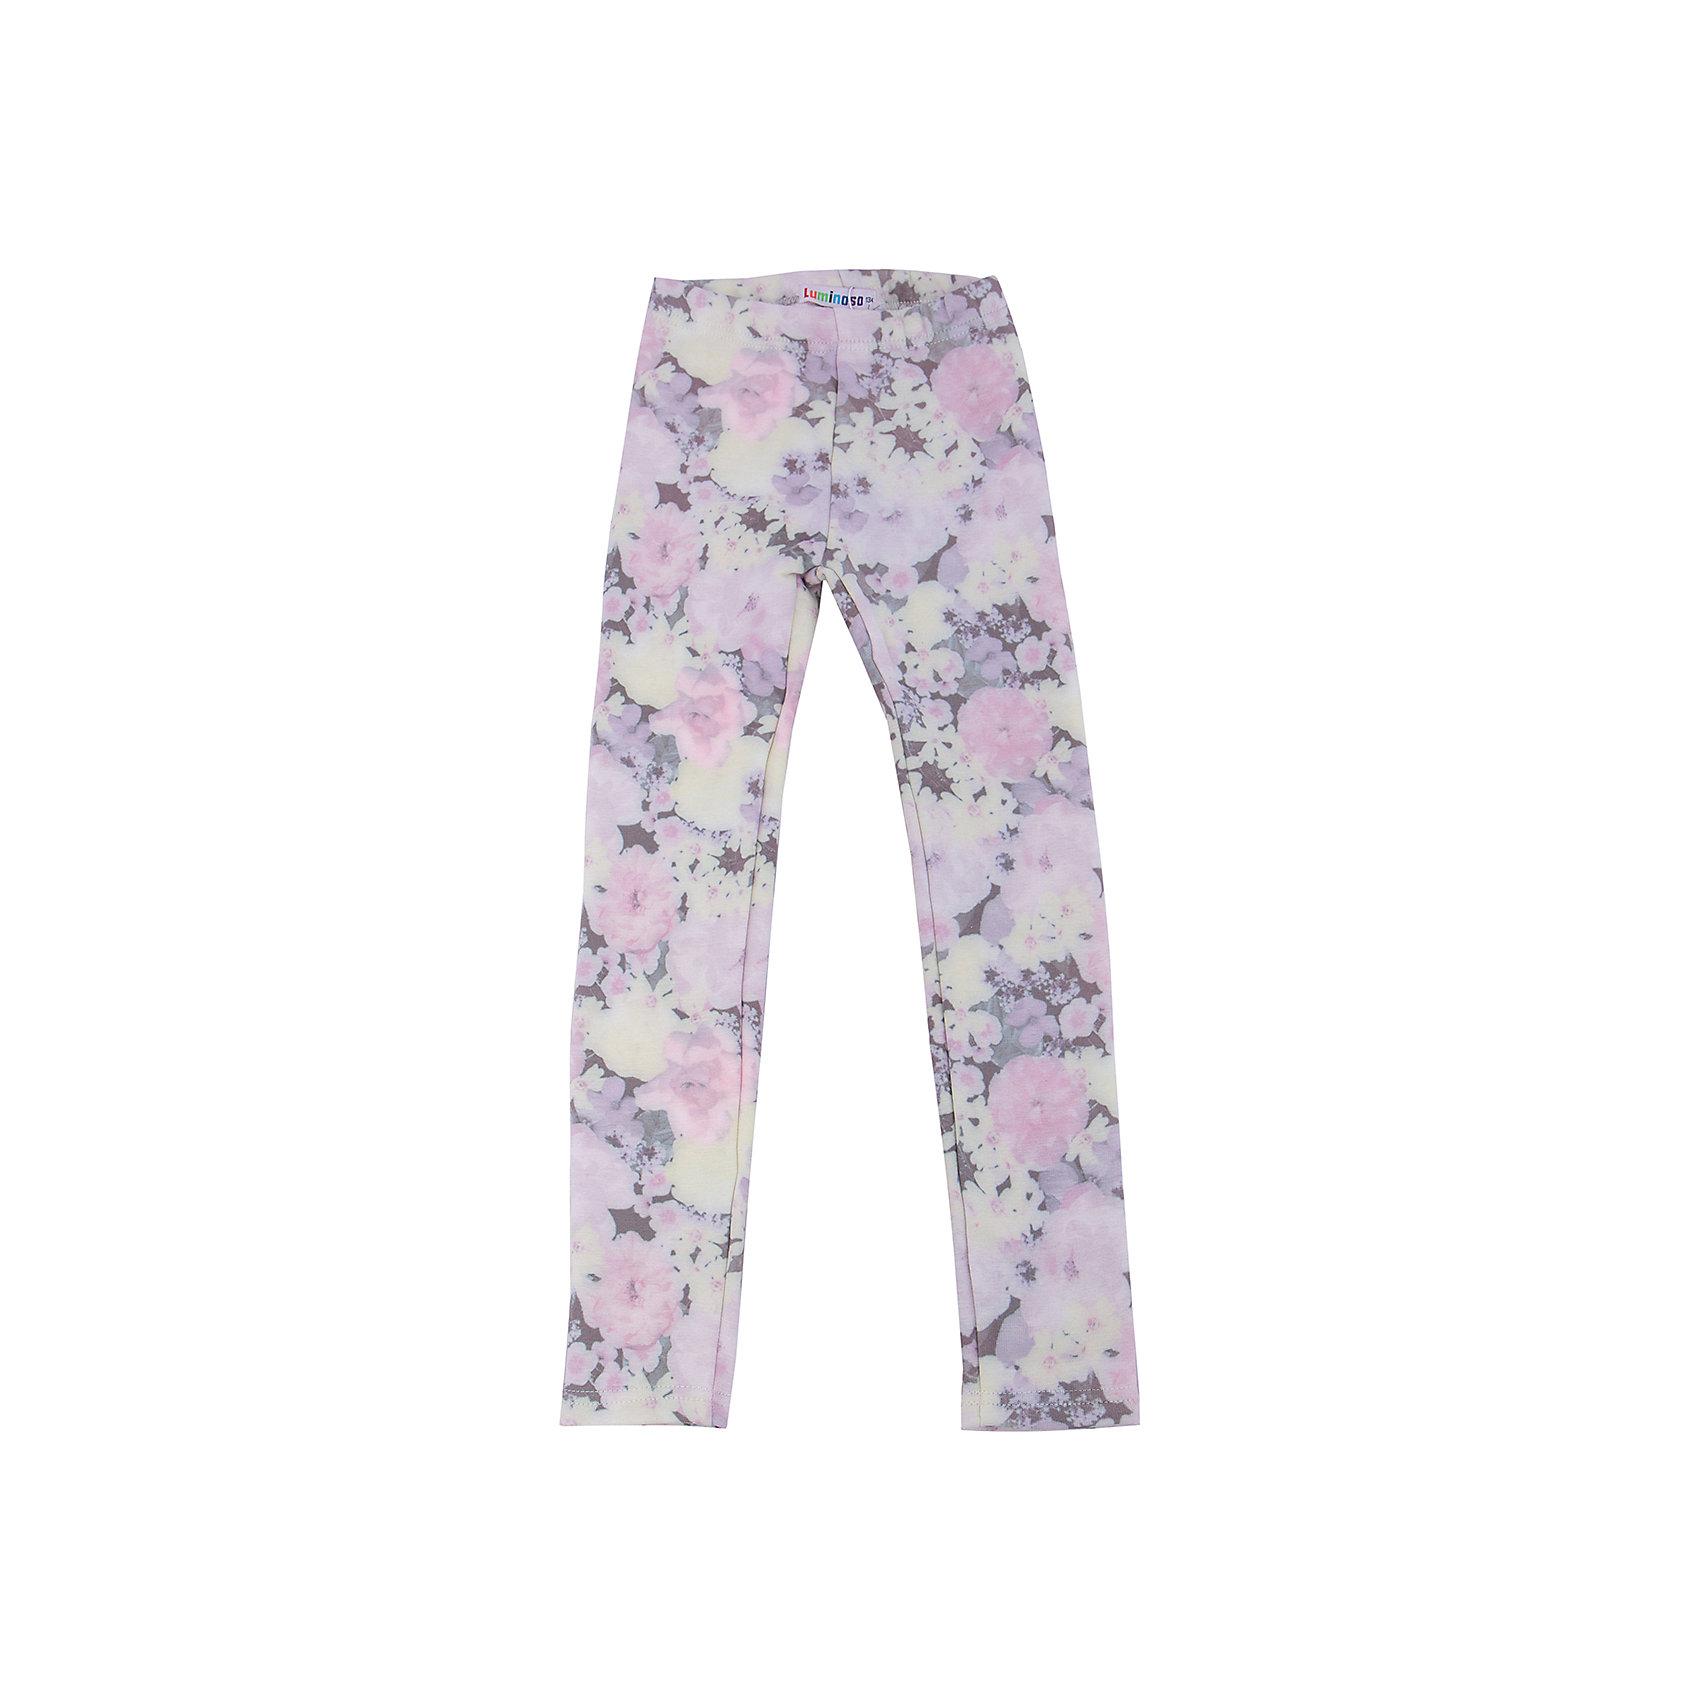 Леггинсы для девочки LuminosoХарактеристики товара:<br><br>- цвет: разноцветный;<br>- материал: 80% хлопок, 20% полиэстер;<br>- трикотаж;<br>- мягкая резинка в поясе.<br><br>Стильная одежда от бренда Luminoso (Люминосо), созданная при участии итальянских дизайнеров, учитывает потребности подростков и последние веяния моды. Она удобная и модная.<br>Эти стильные джеггинсы подходят для ежедневного ношения. Они хорошо сидят на ребенке, обеспечивают комфорт и отлично сочетаются с одежной разных стилей. Модель отличается высоким качеством материала и продуманным дизайном. Натуральный хлопок в составе изделия делает его дышащим, приятным на ощупь и гипоаллергеным.<br><br>Брюки для девочки от бренда Luminoso (Люминосо) можно купить в нашем интернет-магазине.<br><br>Ширина мм: 123<br>Глубина мм: 10<br>Высота мм: 149<br>Вес г: 209<br>Цвет: розовый<br>Возраст от месяцев: 144<br>Возраст до месяцев: 156<br>Пол: Женский<br>Возраст: Детский<br>Размер: 158,164,134,140,146,152<br>SKU: 4929647